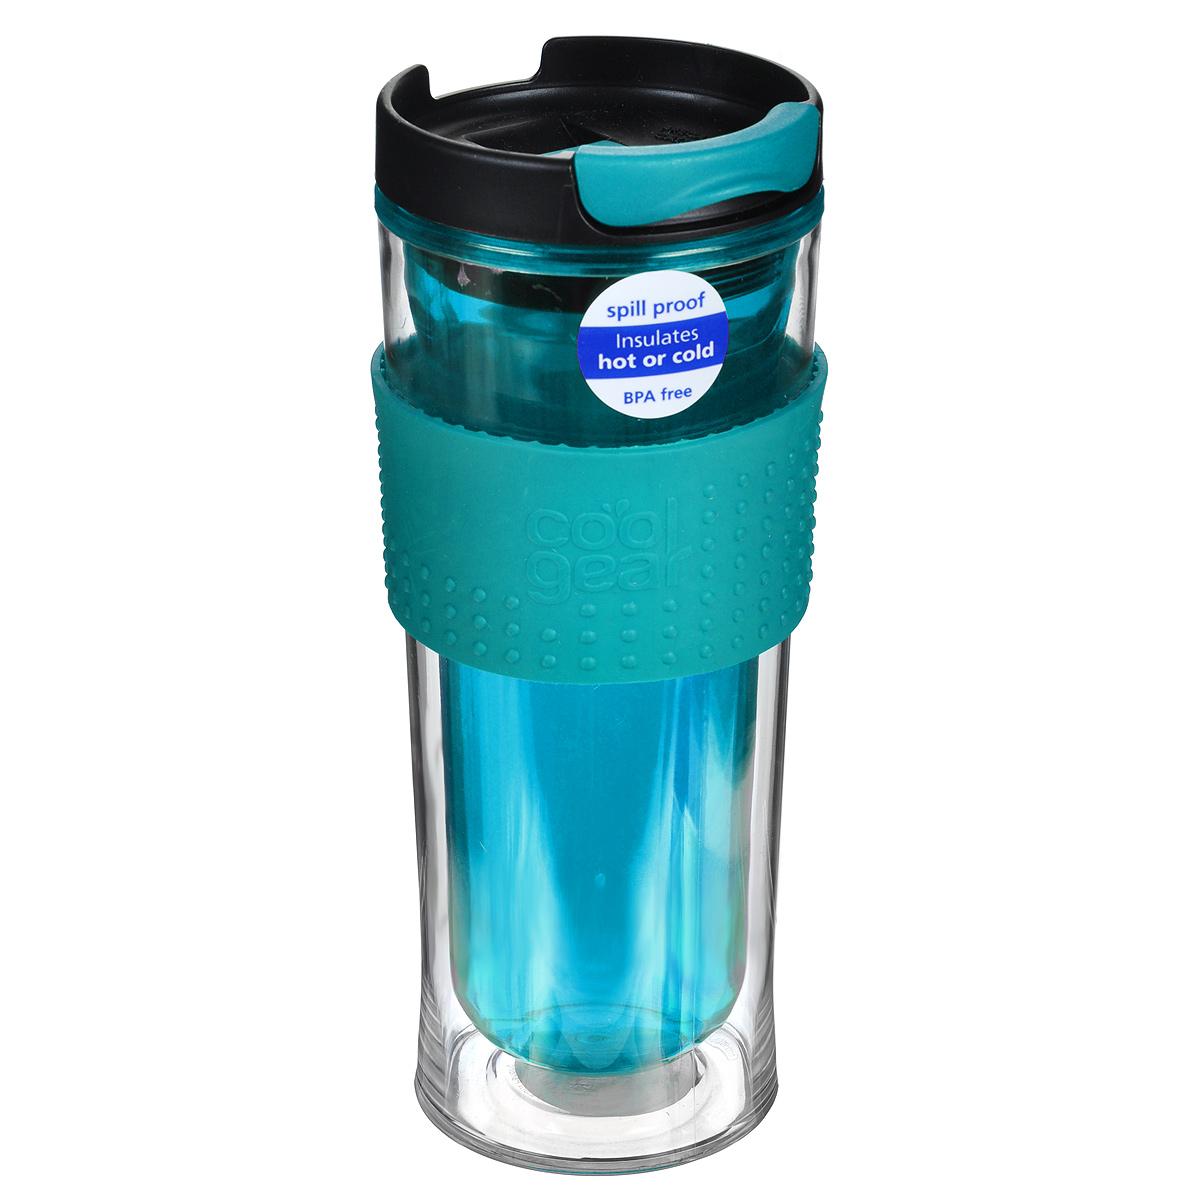 Кружка дорожная Cool Gear Eco 2 Go для горячих напитков, цвет: бирюзовый, черный, 420 мл. 12801280Дорожная кружка Cool Gear Eco 2 Go изготовлена из высококачественного BPA-free пластика, не содержащего токсичных веществ. Двойные стенки дольше сохраняют напиток горячим и не обжигают руки. Надежная закручивающаяся крышка с защитой от проливания обеспечит дополнительную безопасность. Крышка оснащена клапаном для питья. Оптимальный объем позволит взять с собой большую порцию горячего кофе или чая. Также подходит и для холодных напитков. Антискользящий ободок предотвращает выскальзывание кружки из рук. Кружка идеальна для ежедневного использования. Она станет вашим обязательным спутником в длительных поездках или занятиях зимними видами спорта. Не рекомендуется использовать в микроволновой печи и мыть в посудомоечной машине. Cool Gear - мировой лидер в сфере производства товаров для питья, продукция которого пользуется огромной популярностью по всему миру! Ассортимент компании включает более 120 видов бутылок для питья и дорожных кружек. Выбирайте для...